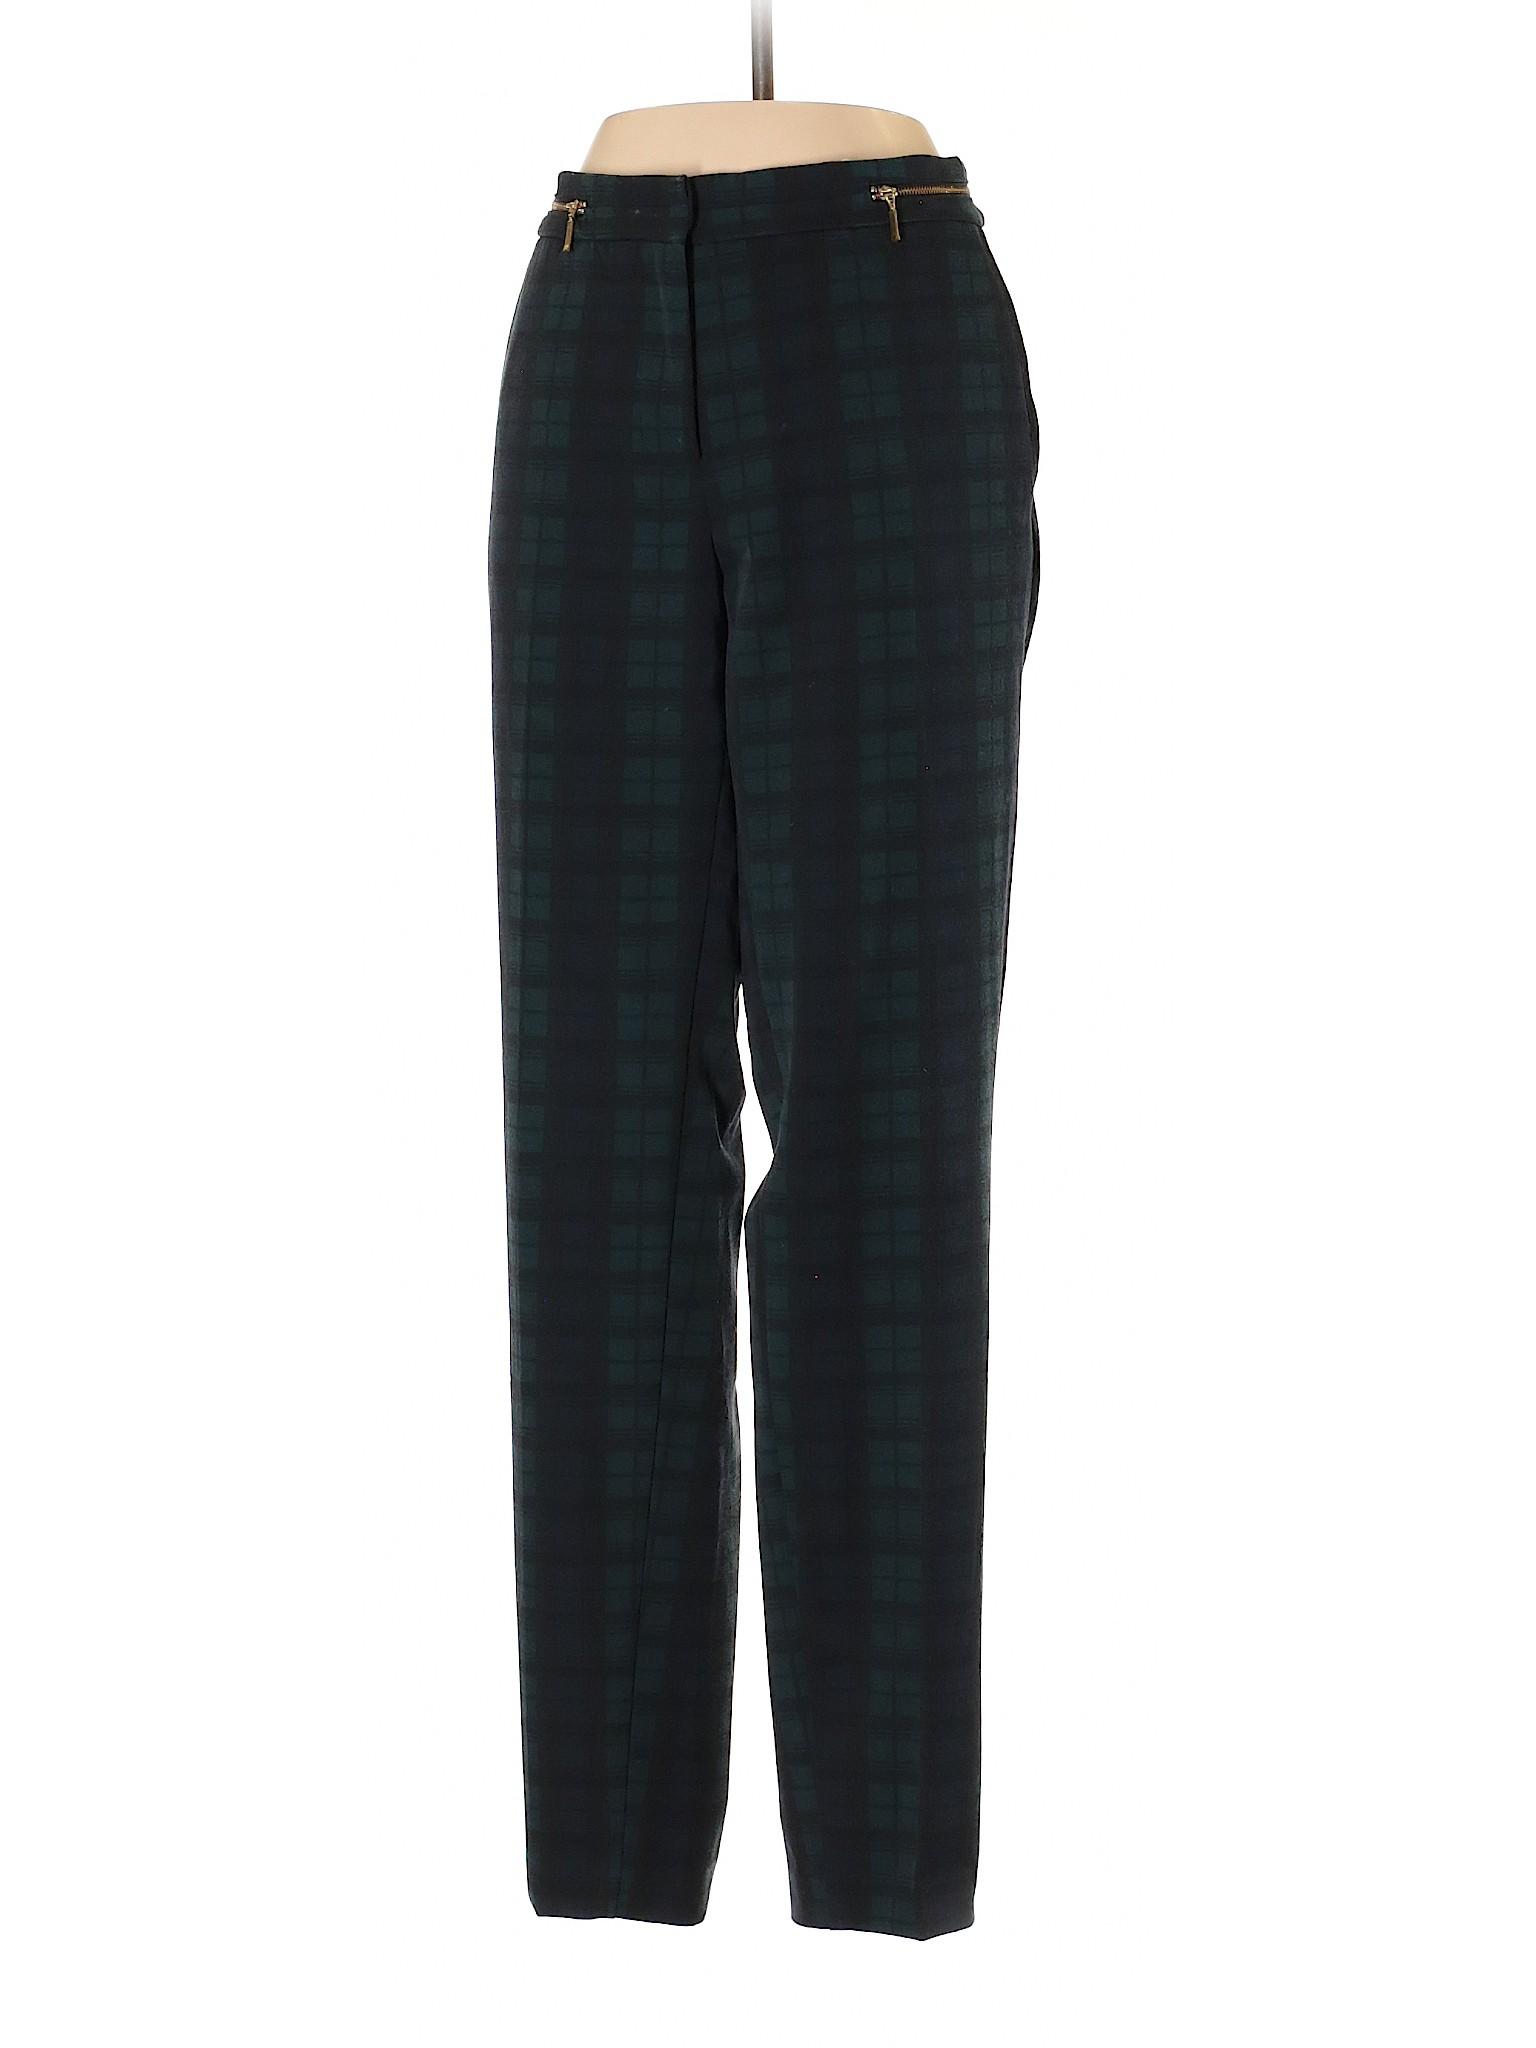 winter Pants amp;M H Boutique Dress 7FnqBxfz